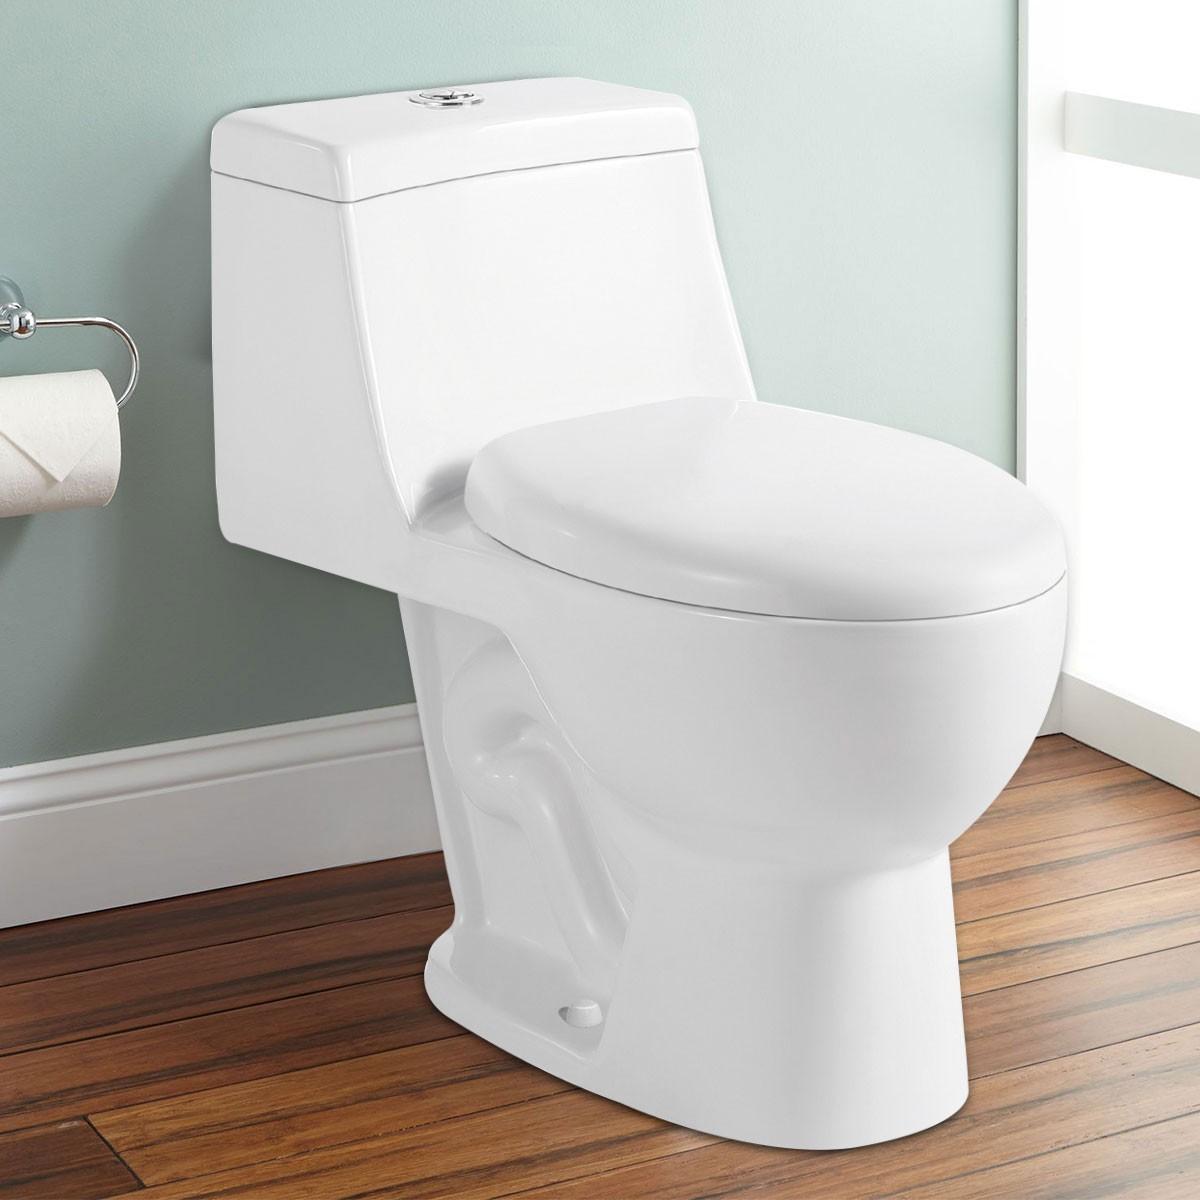 Dual Flush Siphonic One-piece Toilet  (DK-ZBQ-12210)